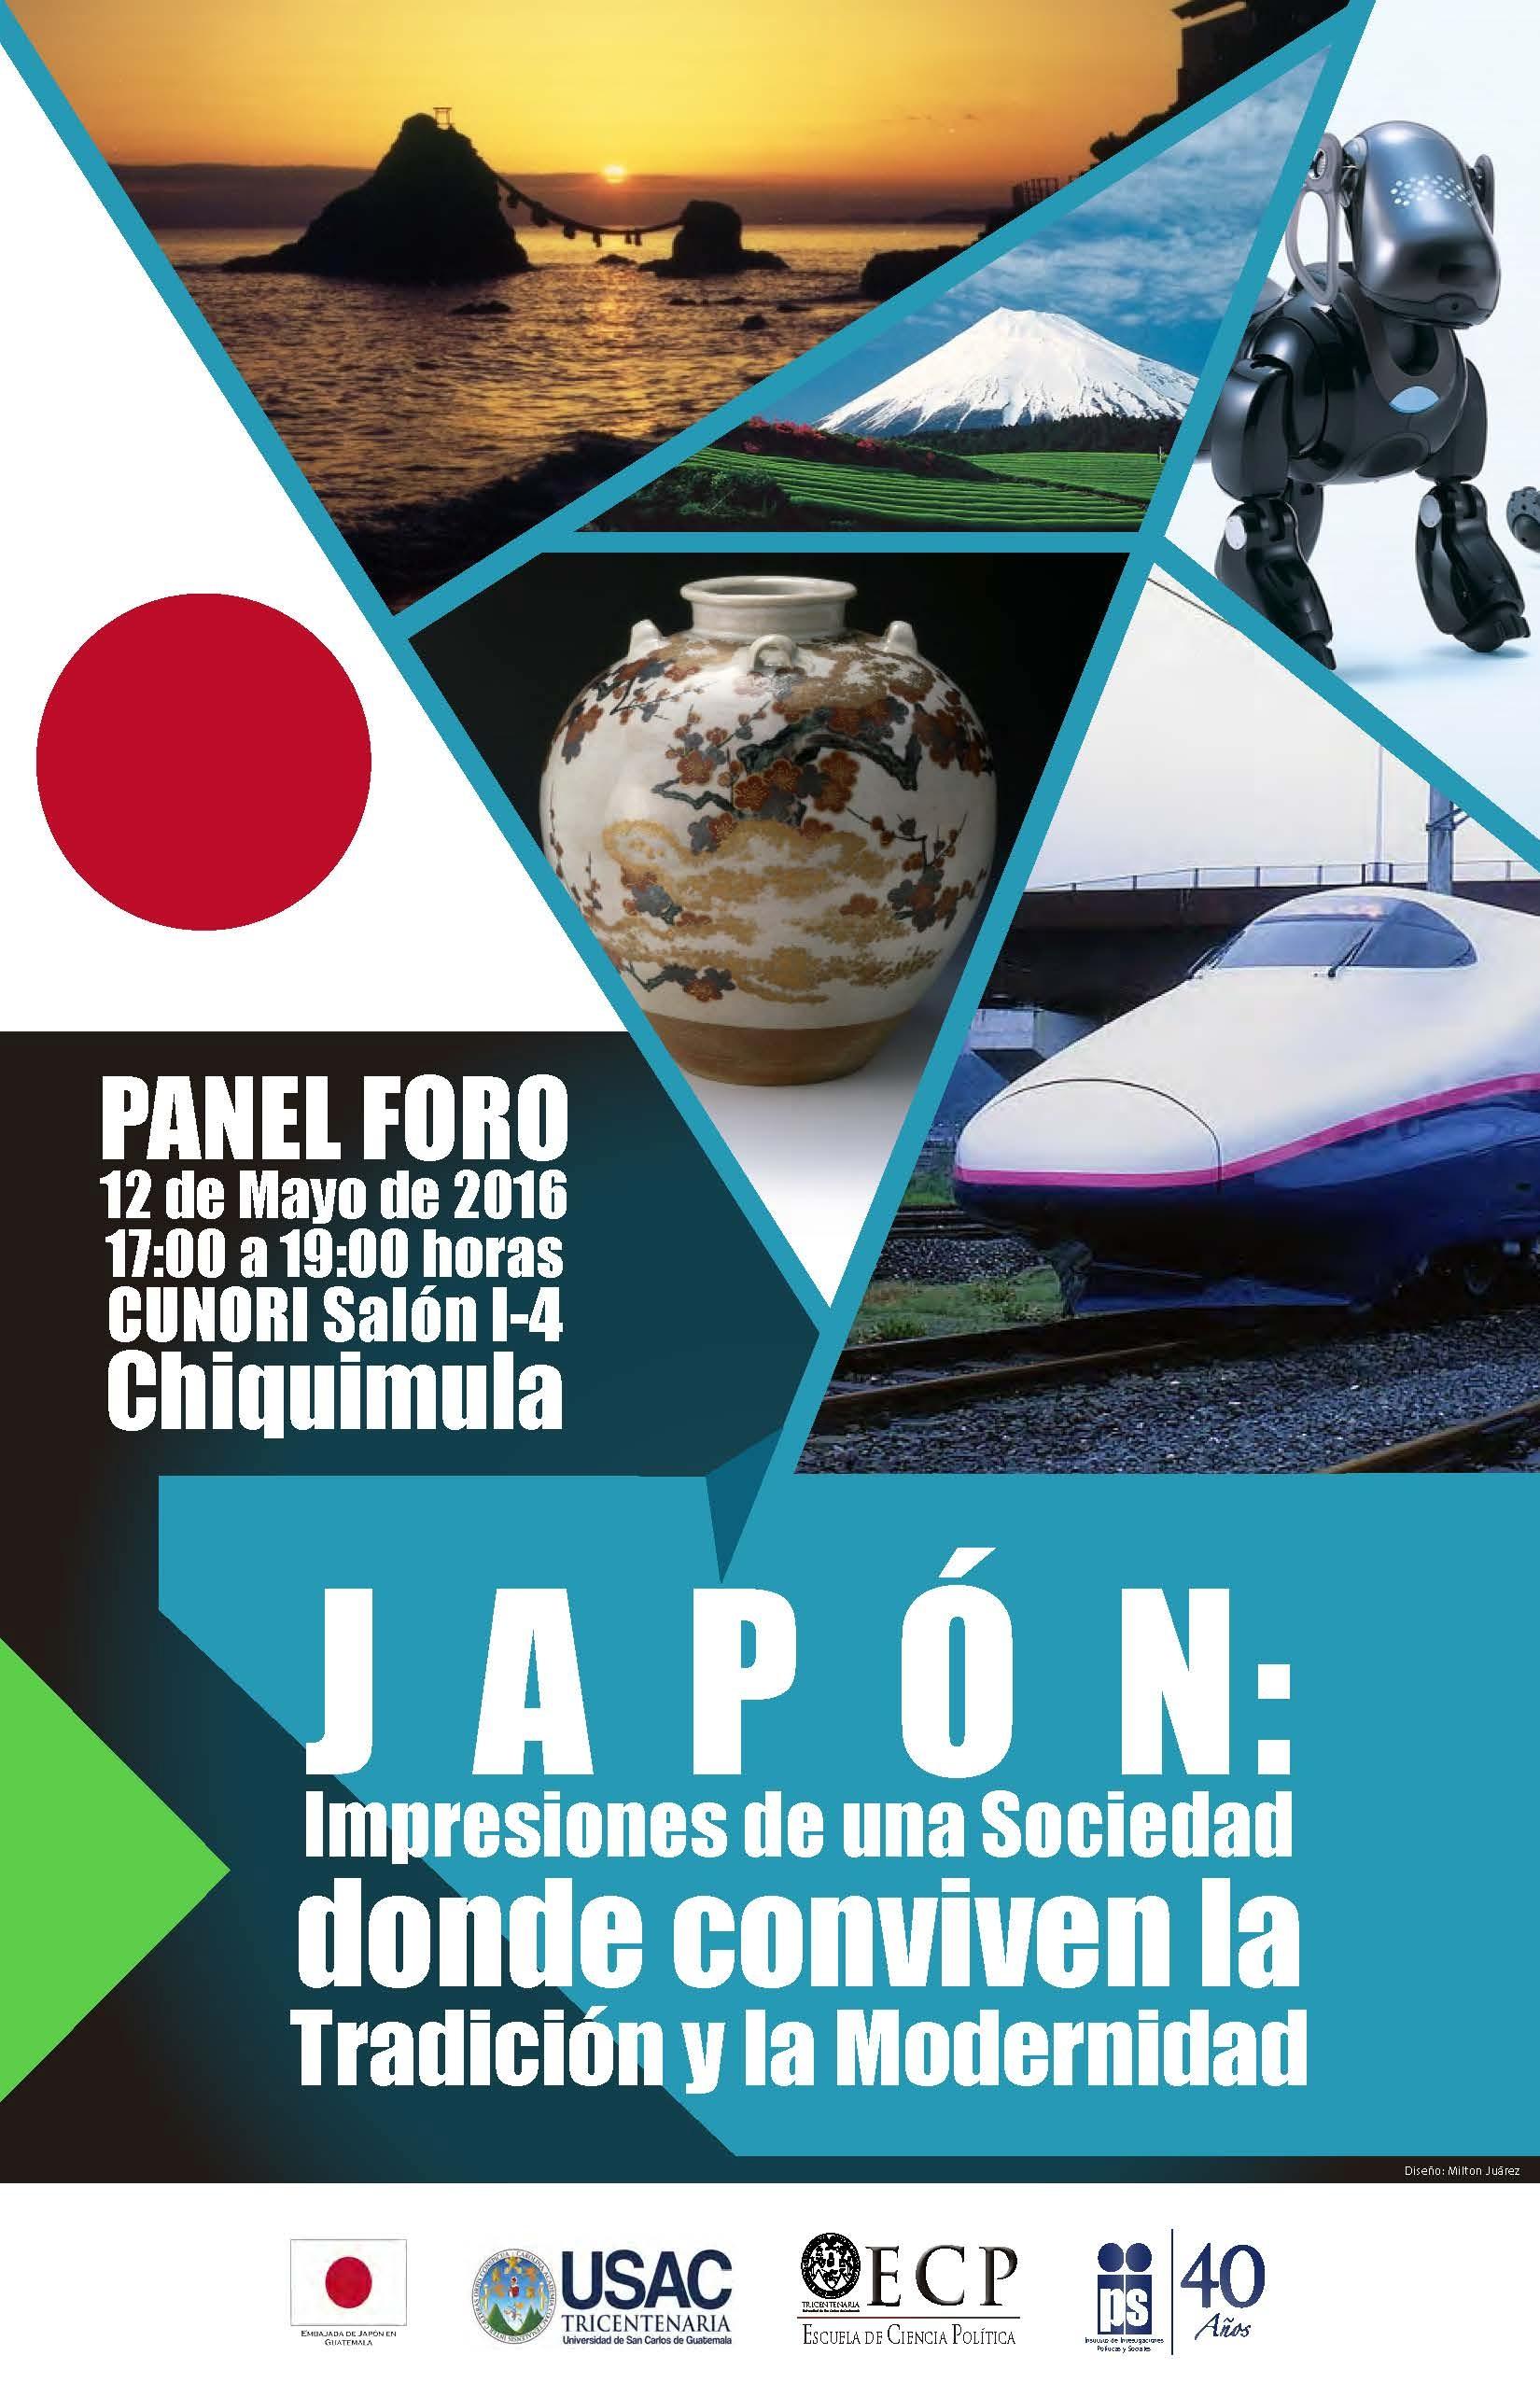 国立サンカルロス大学チキムラ校における日本特別パネルディスカッションの開催「グアテマラ人の見たニッポン:伝統と近代性が共存する社会」